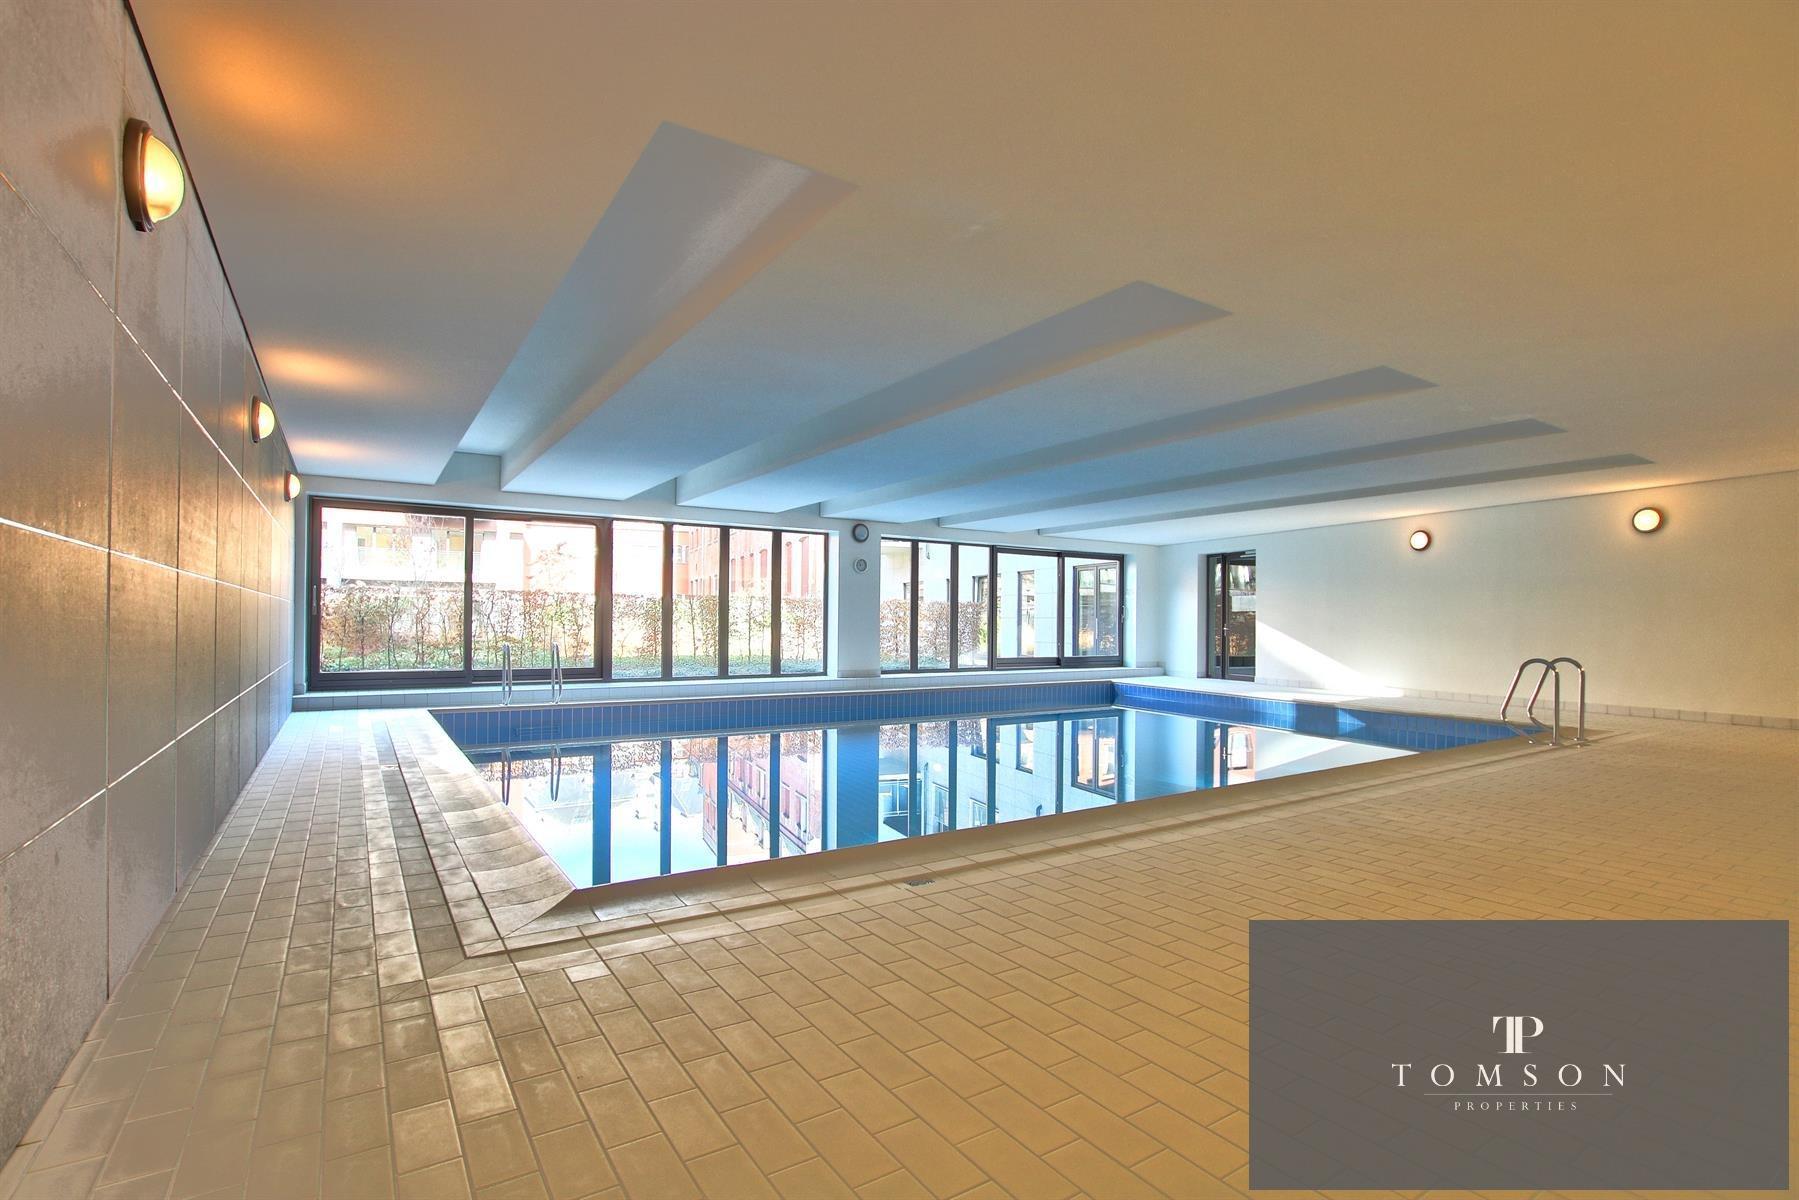 Appartement exceptionnel - Ixelles - #4533638-1